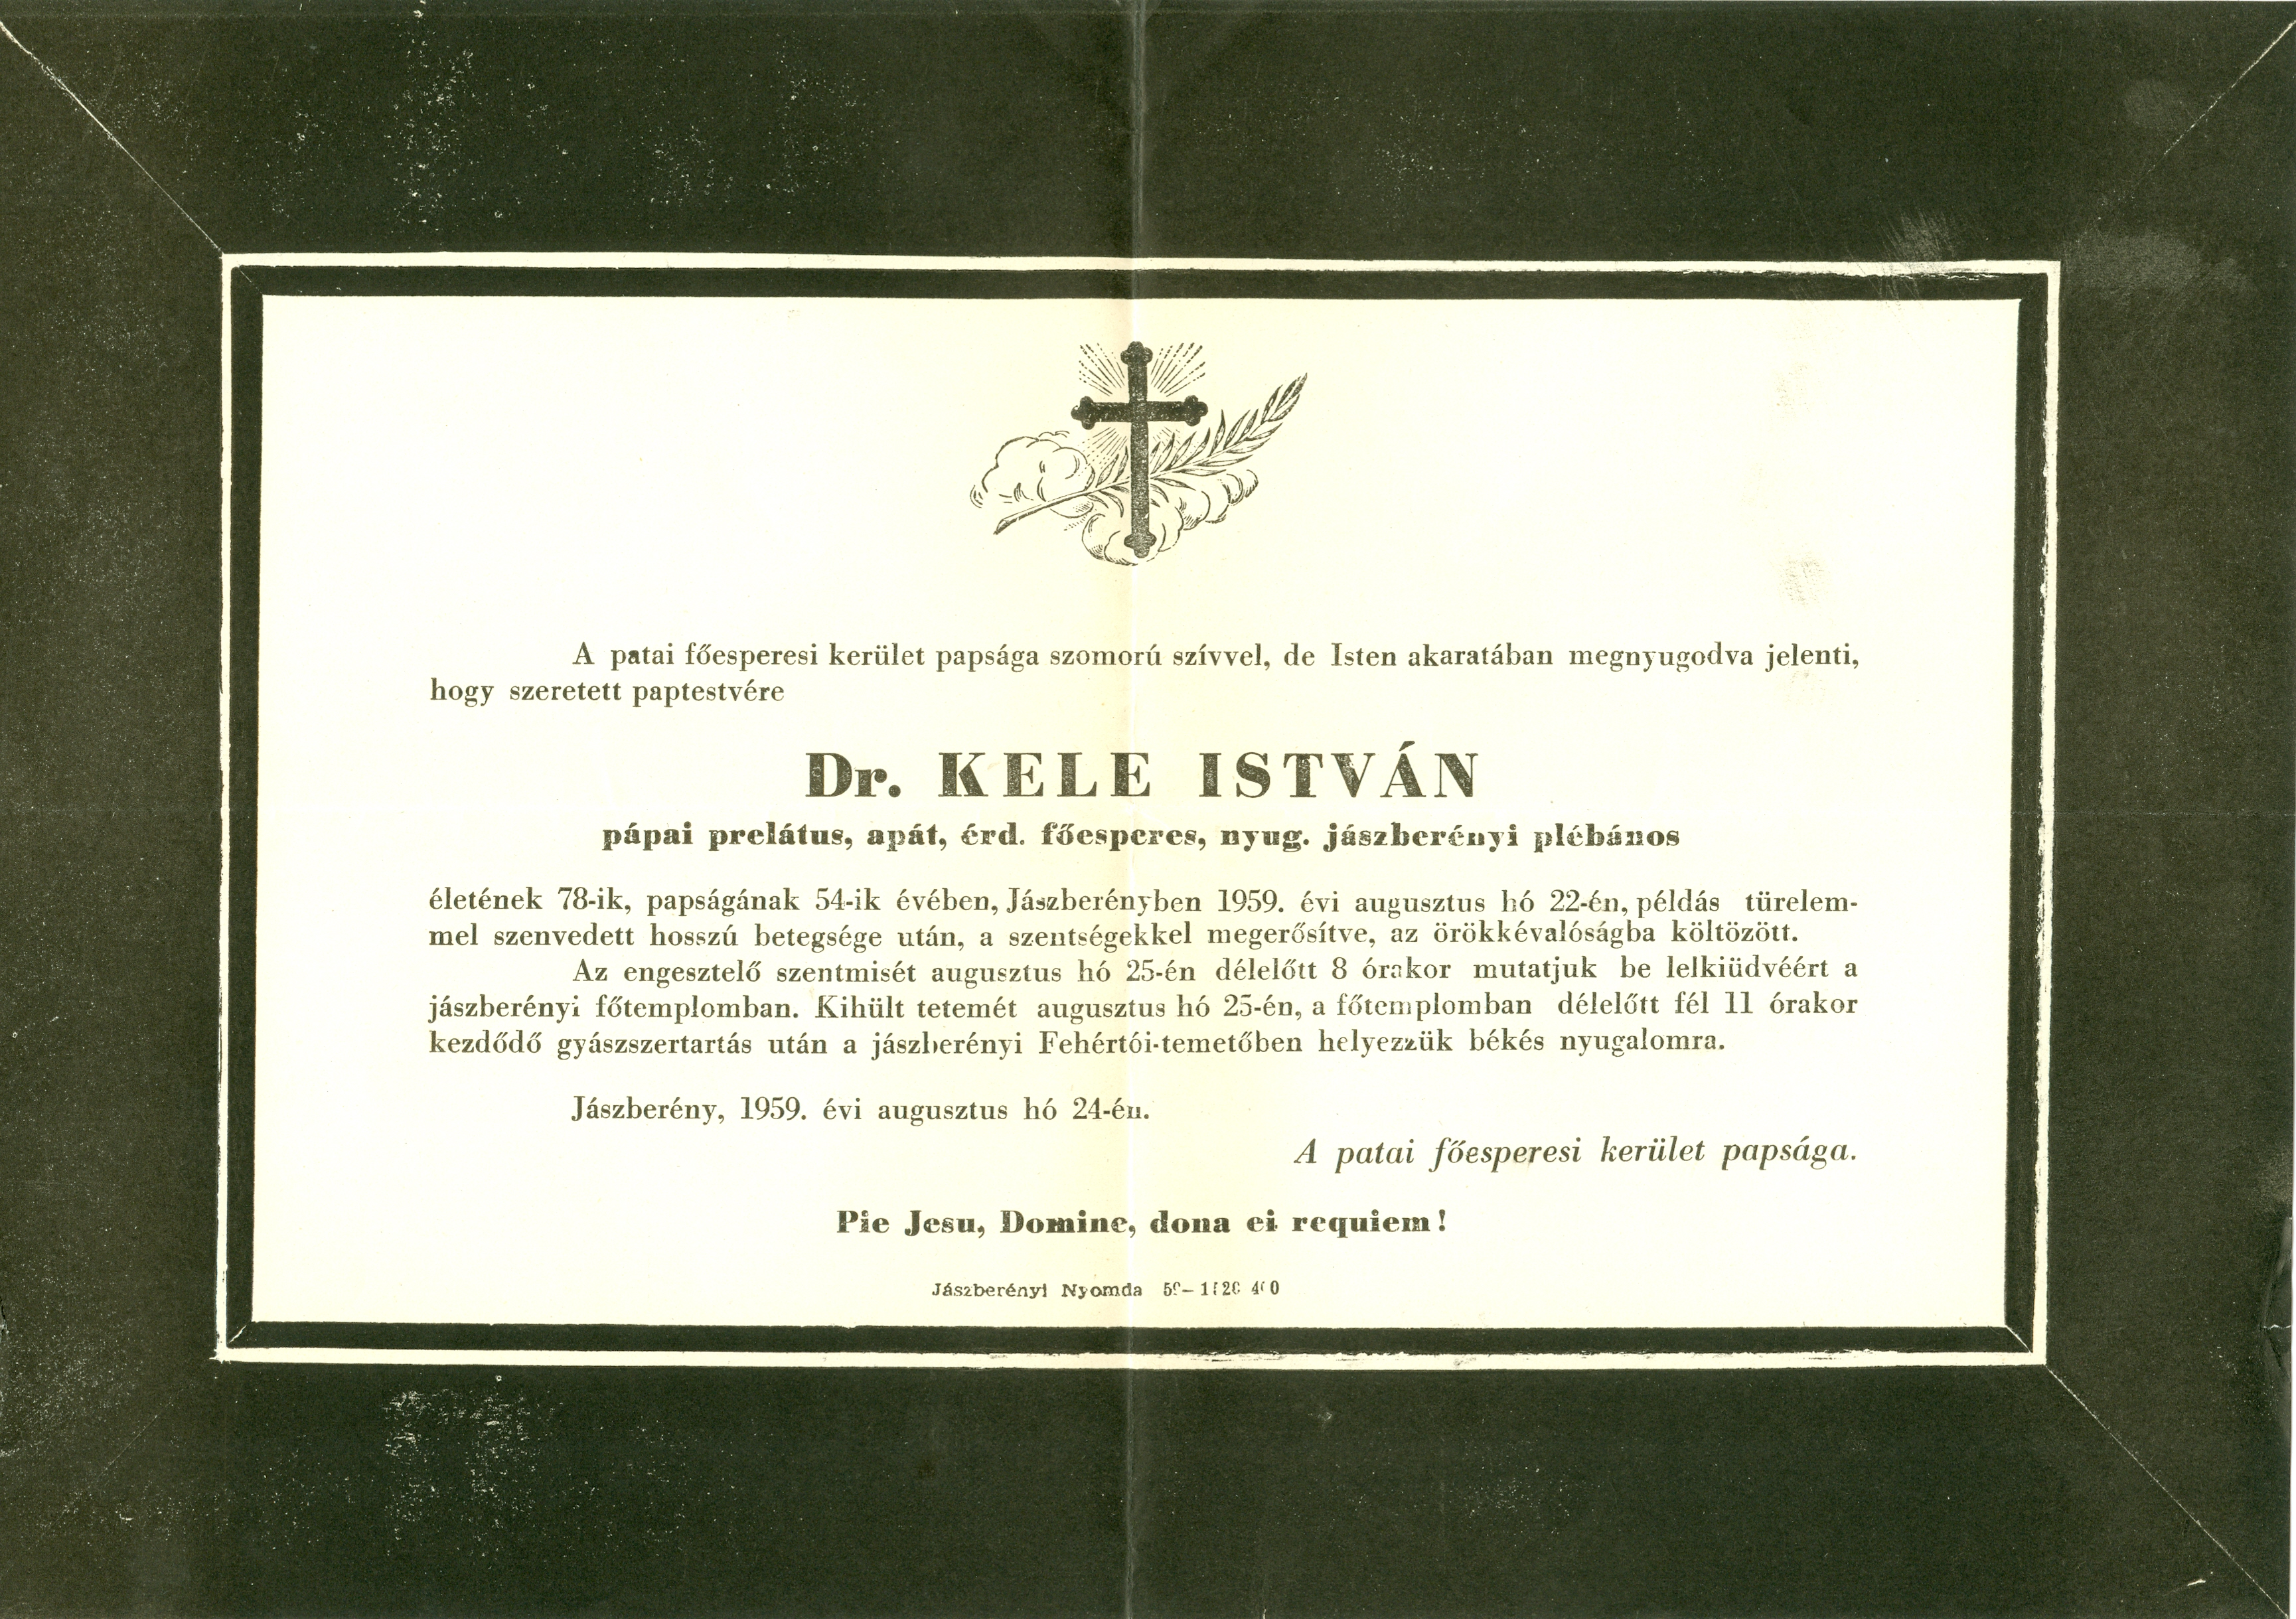 Kele István